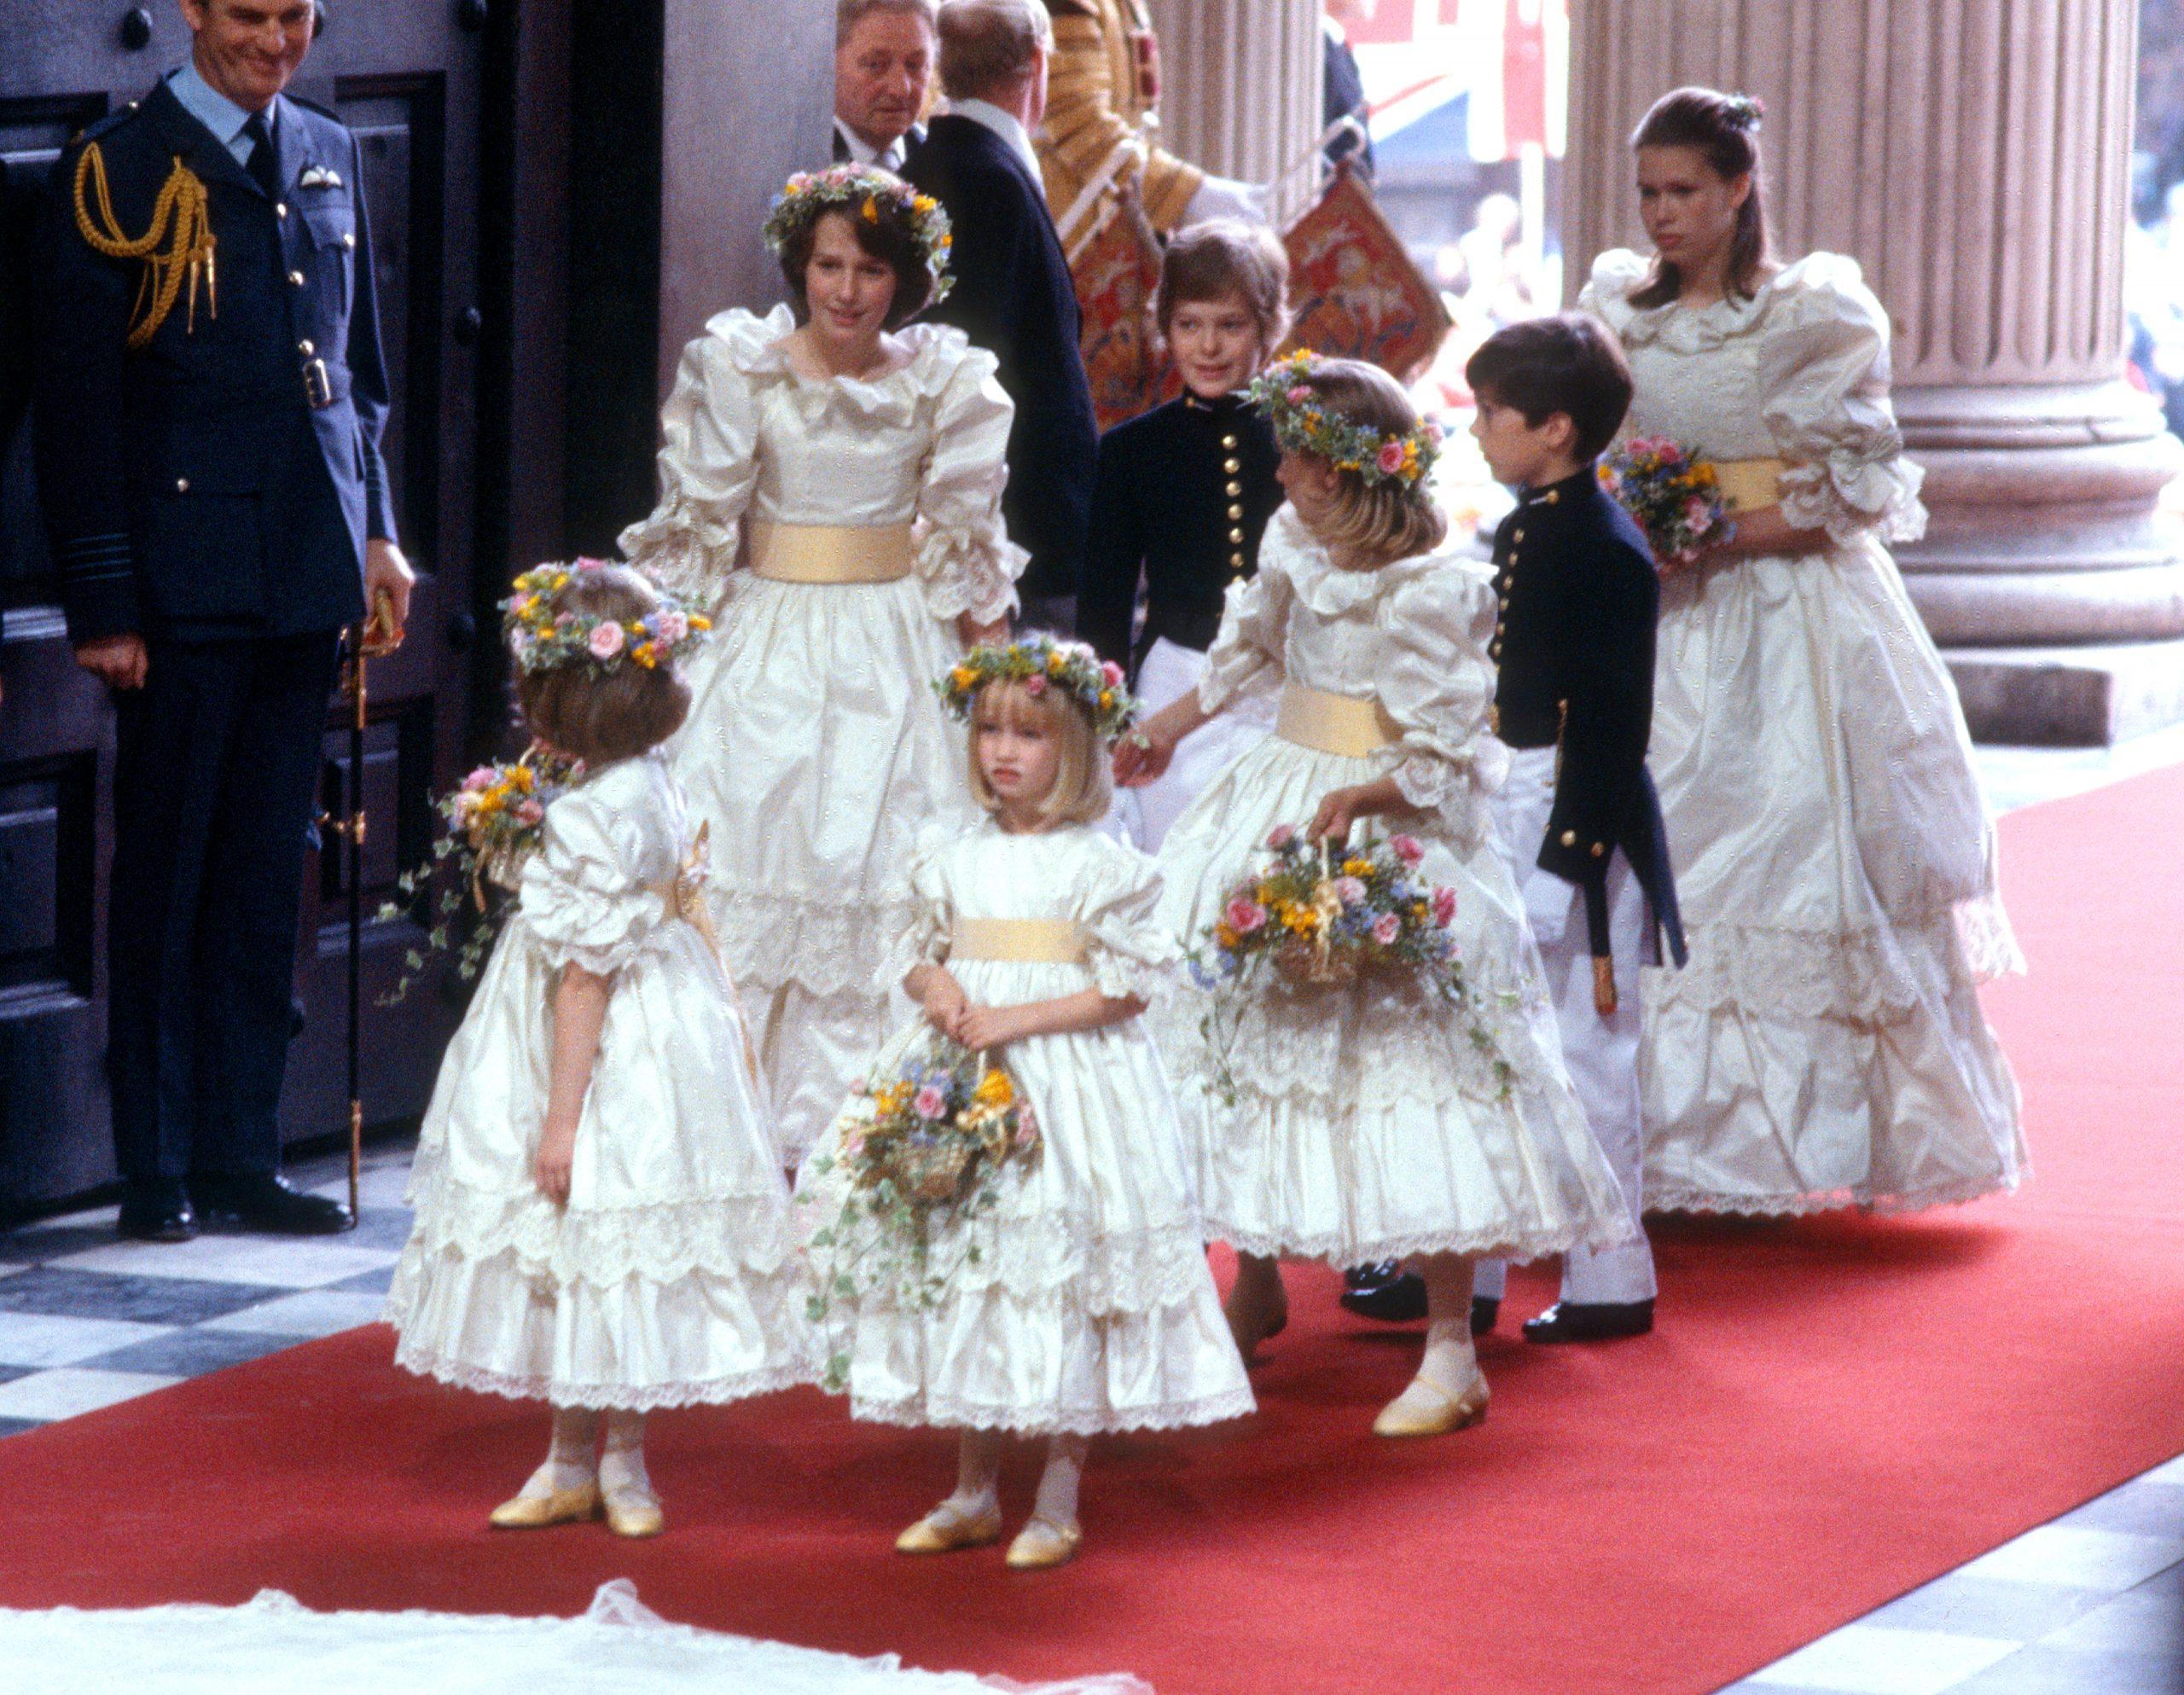 Les demoiselles d'honneur de la Princesse Diana à la Cathédrale St Paul où elles se sont mariées.